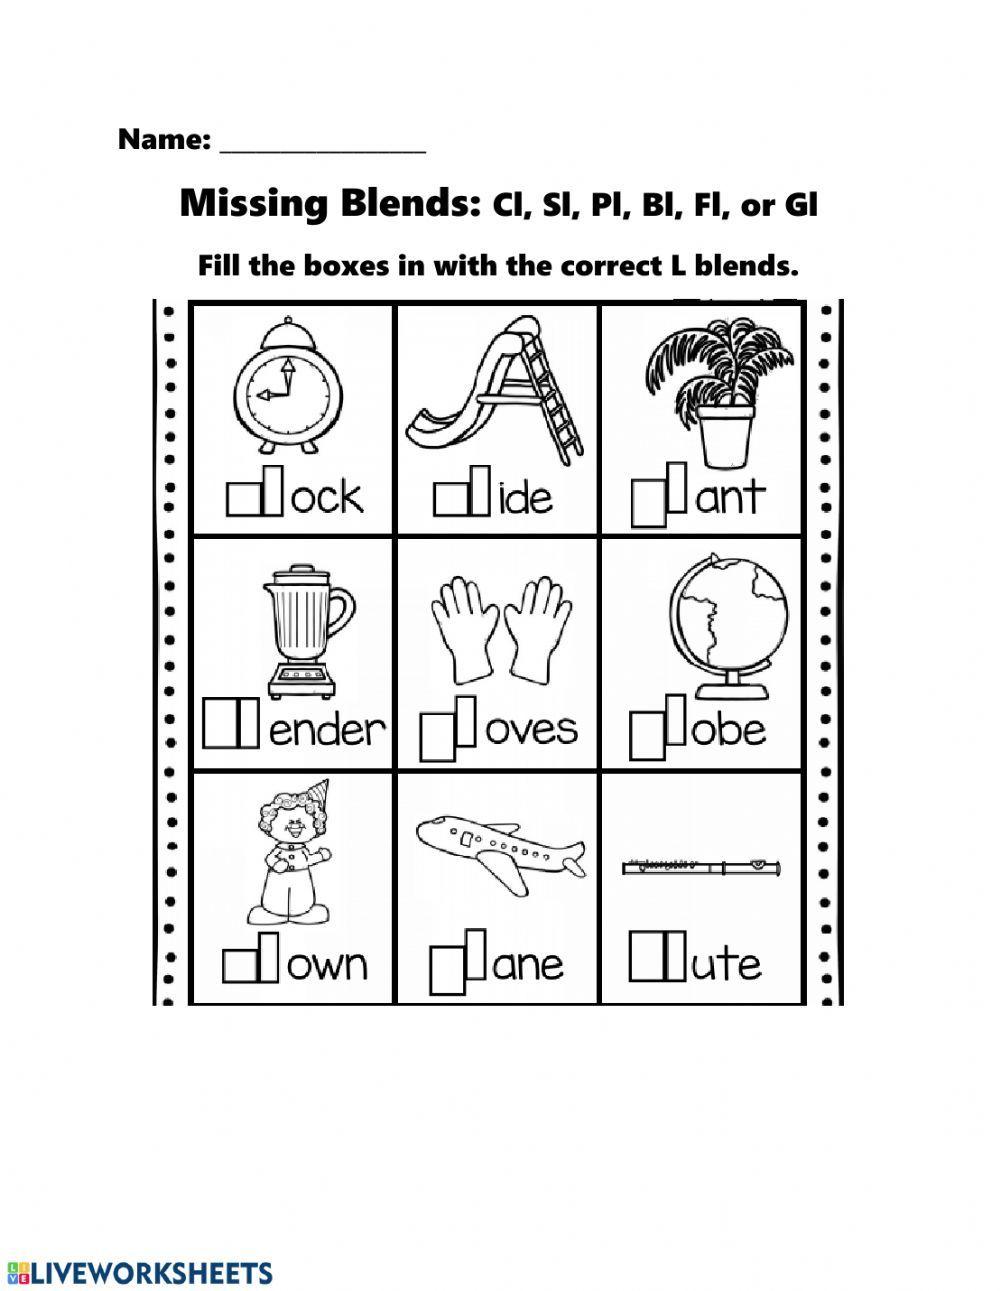 Missing L Blends Interactive Worksheet Blends Worksheets Kindergarten Worksheets Letter Recognition Worksheets [ 1291 x 1000 Pixel ]